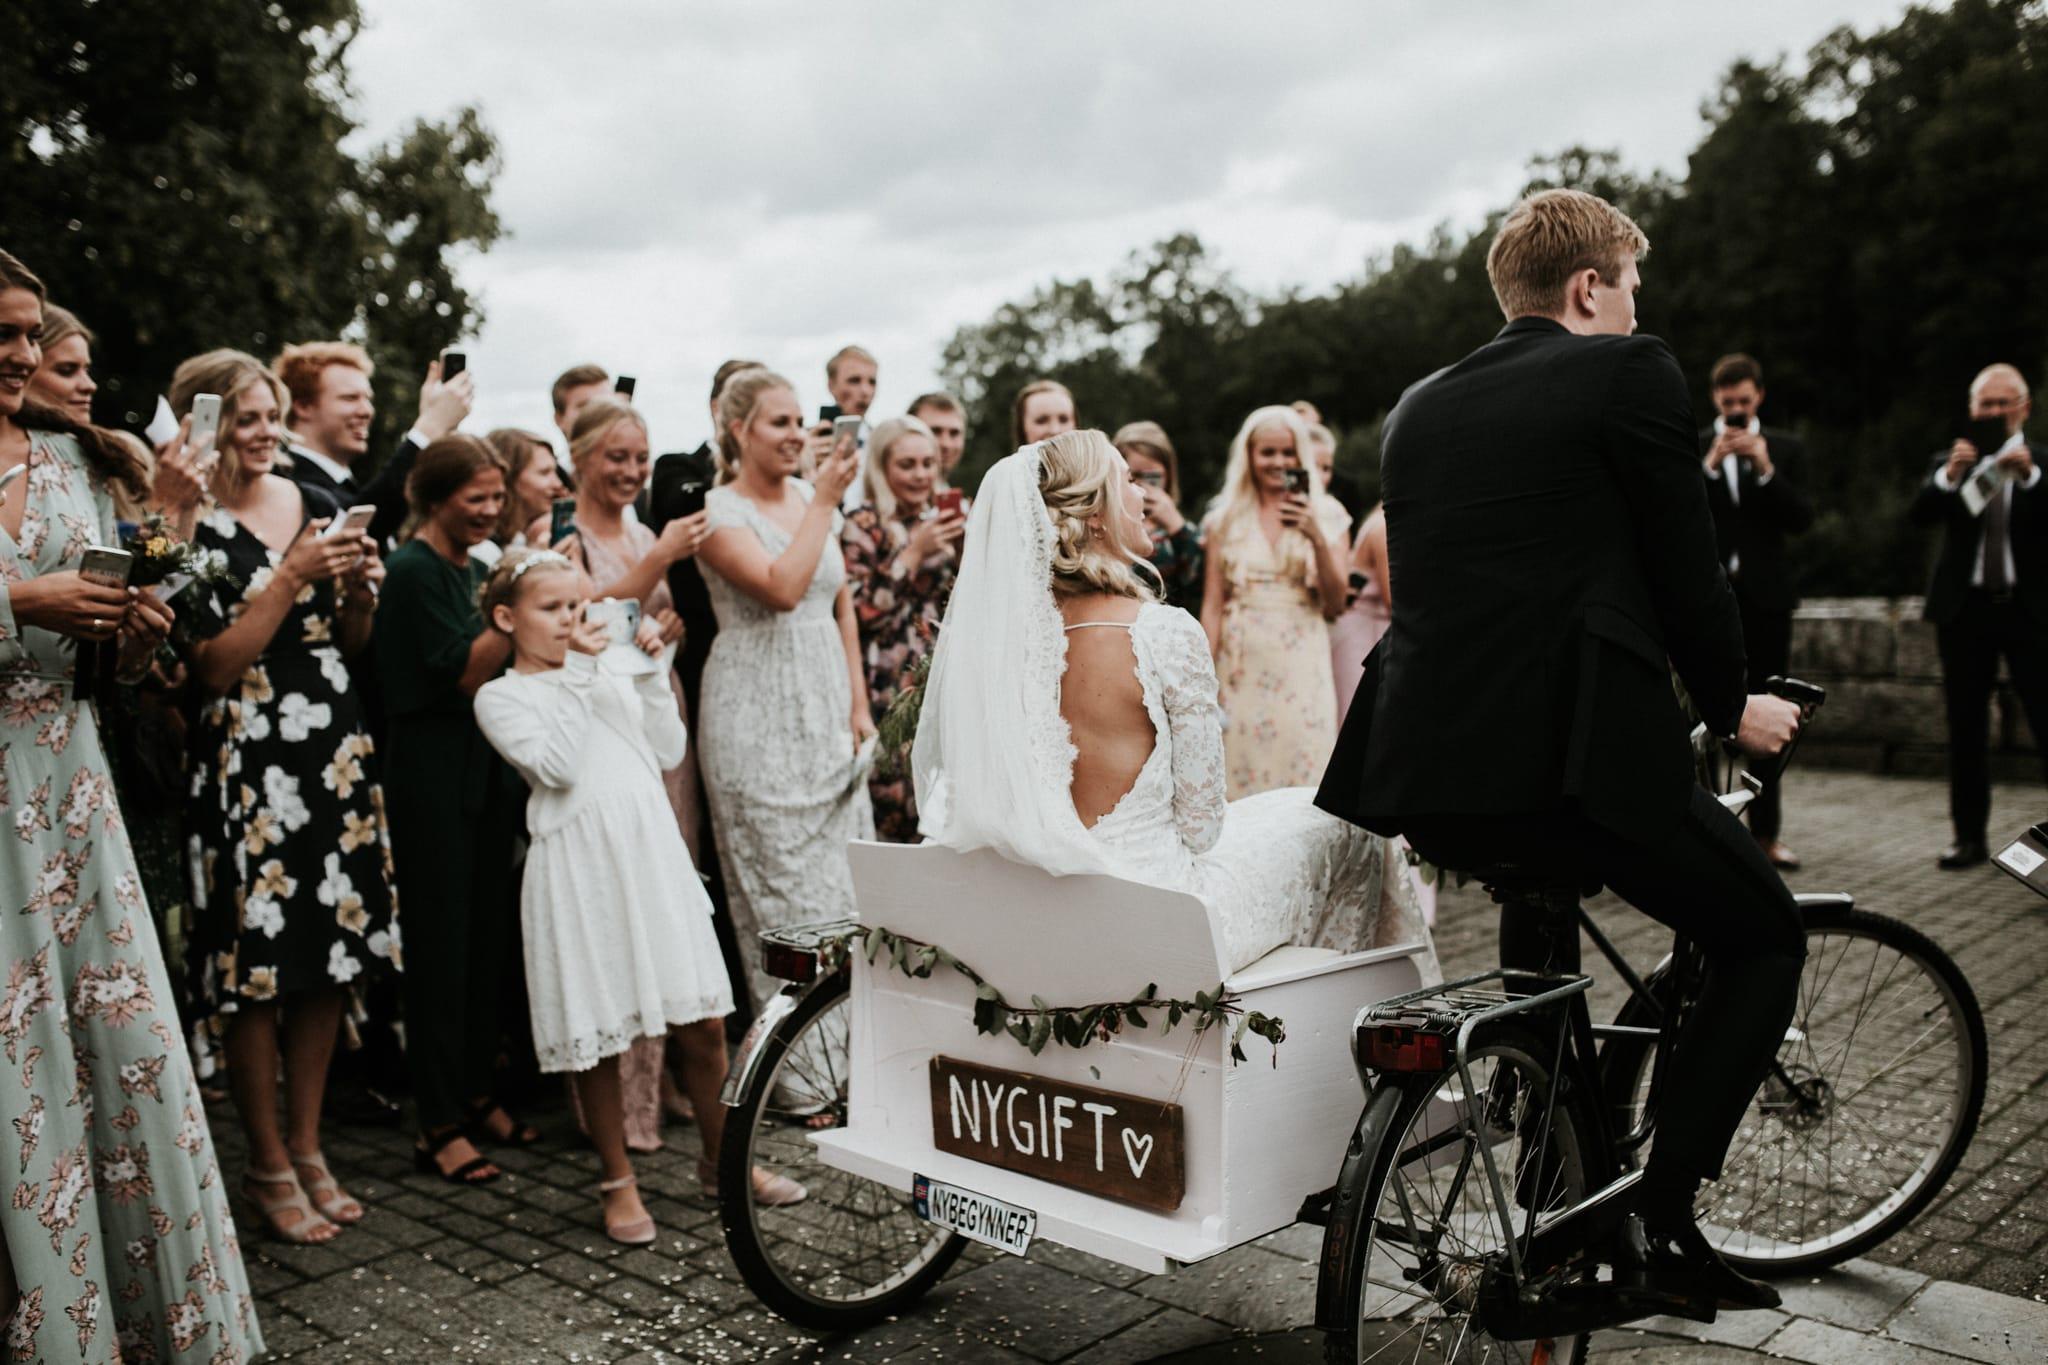 Norway-wedding-photographer-oslo-5.jpg